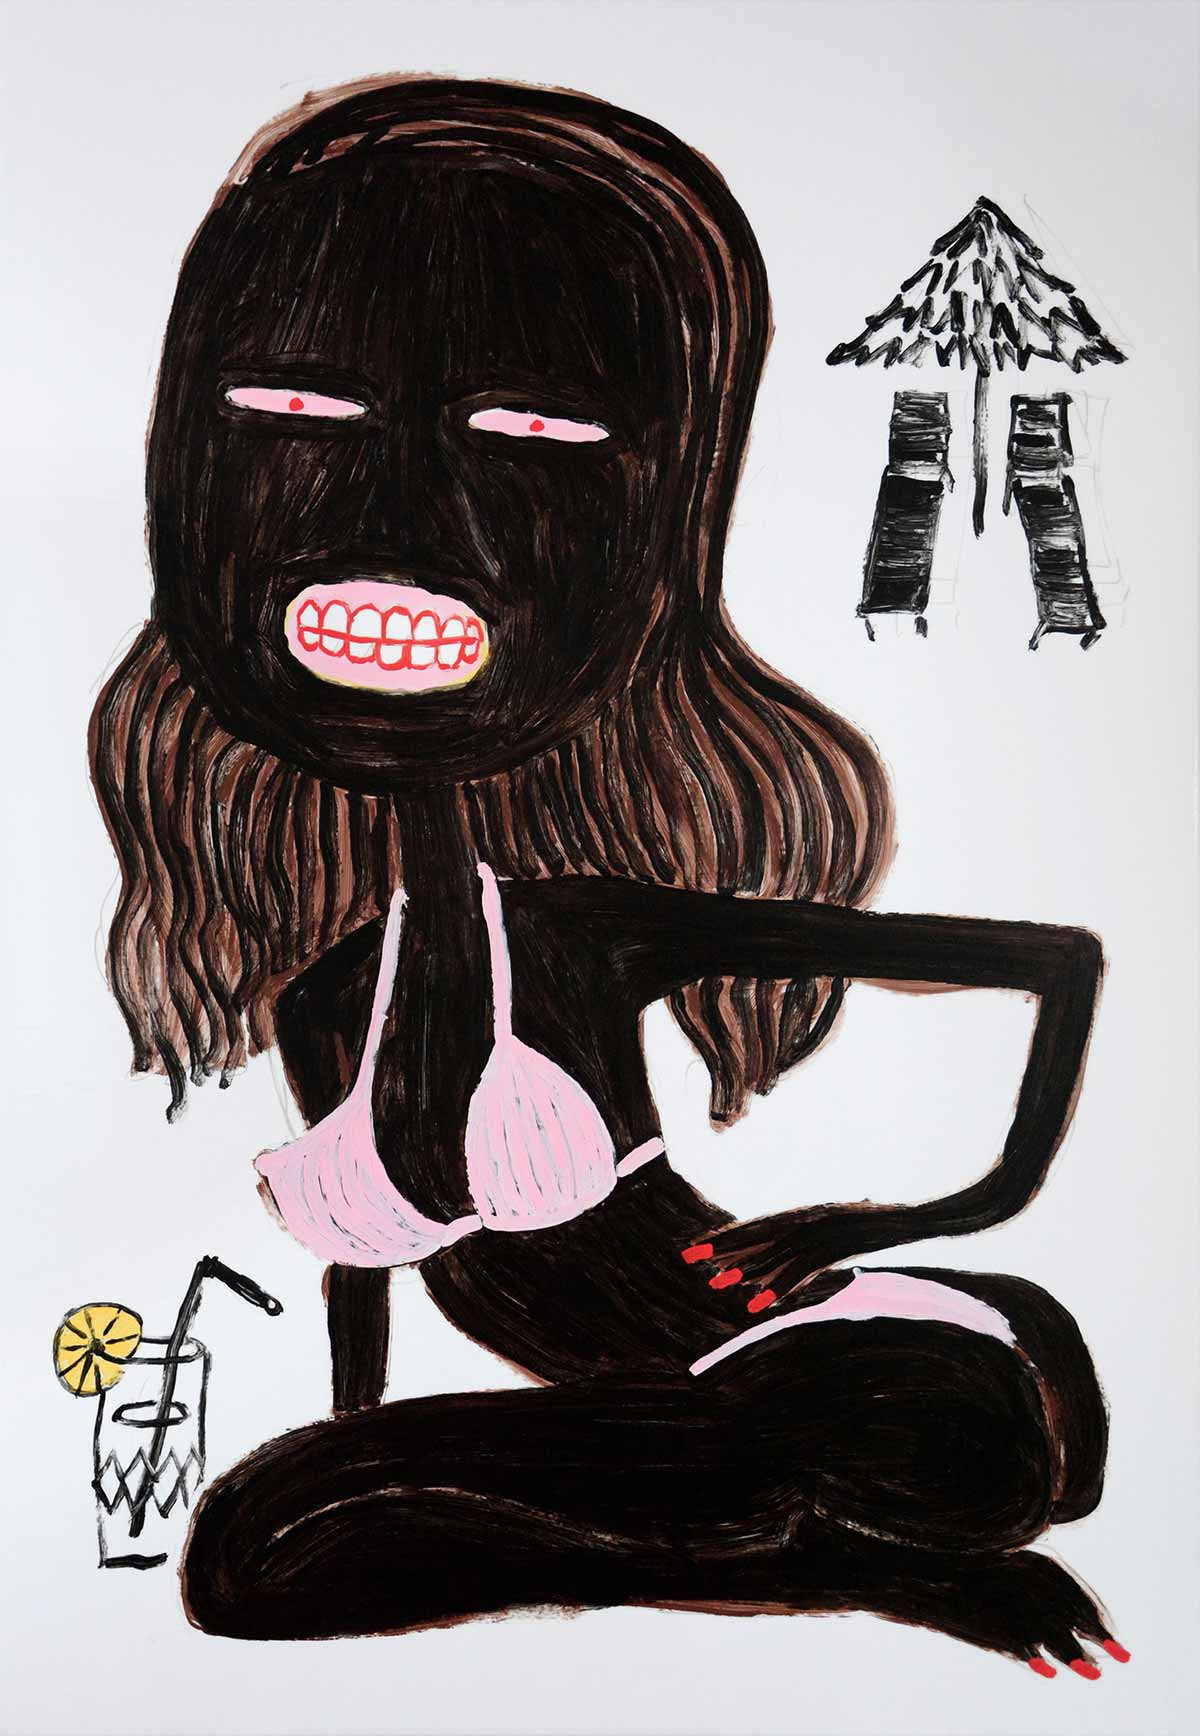 scenarios, available art works, buy art online, safe, easy, john armleder